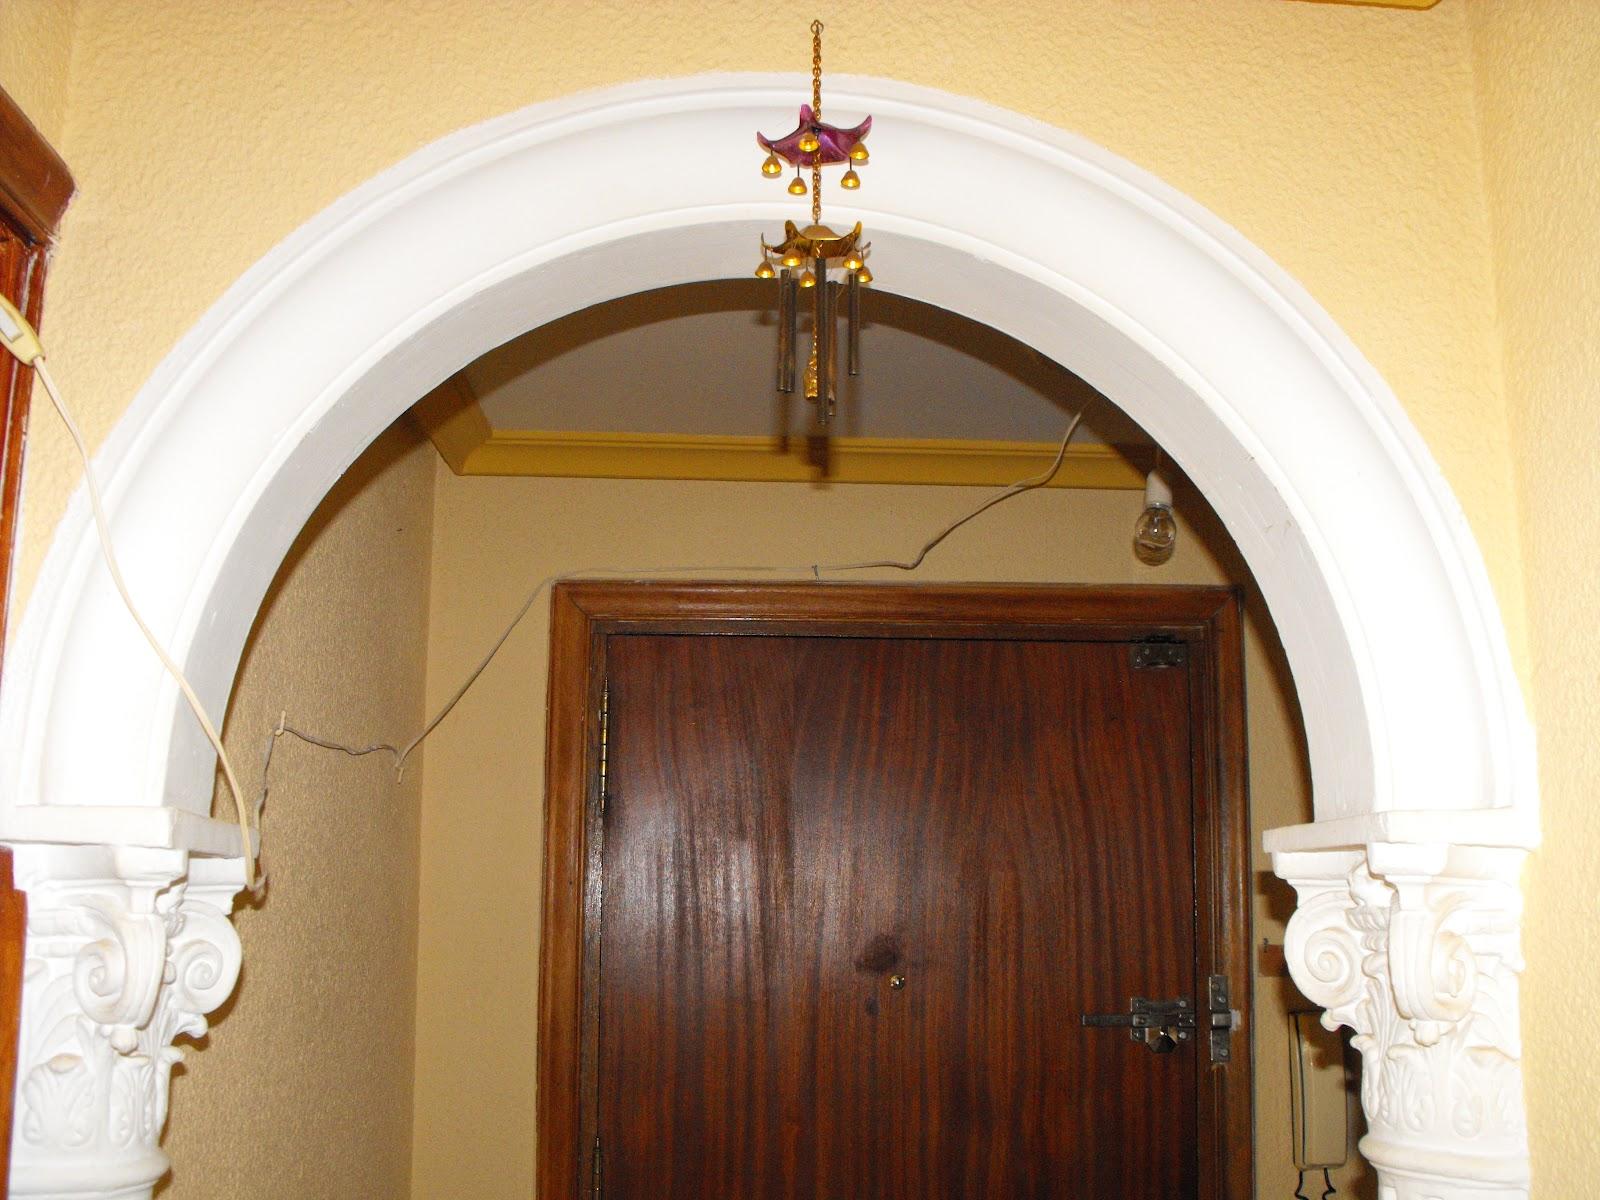 Venta de apartamento en el pol gono de toledo - Maderas para arcos ...